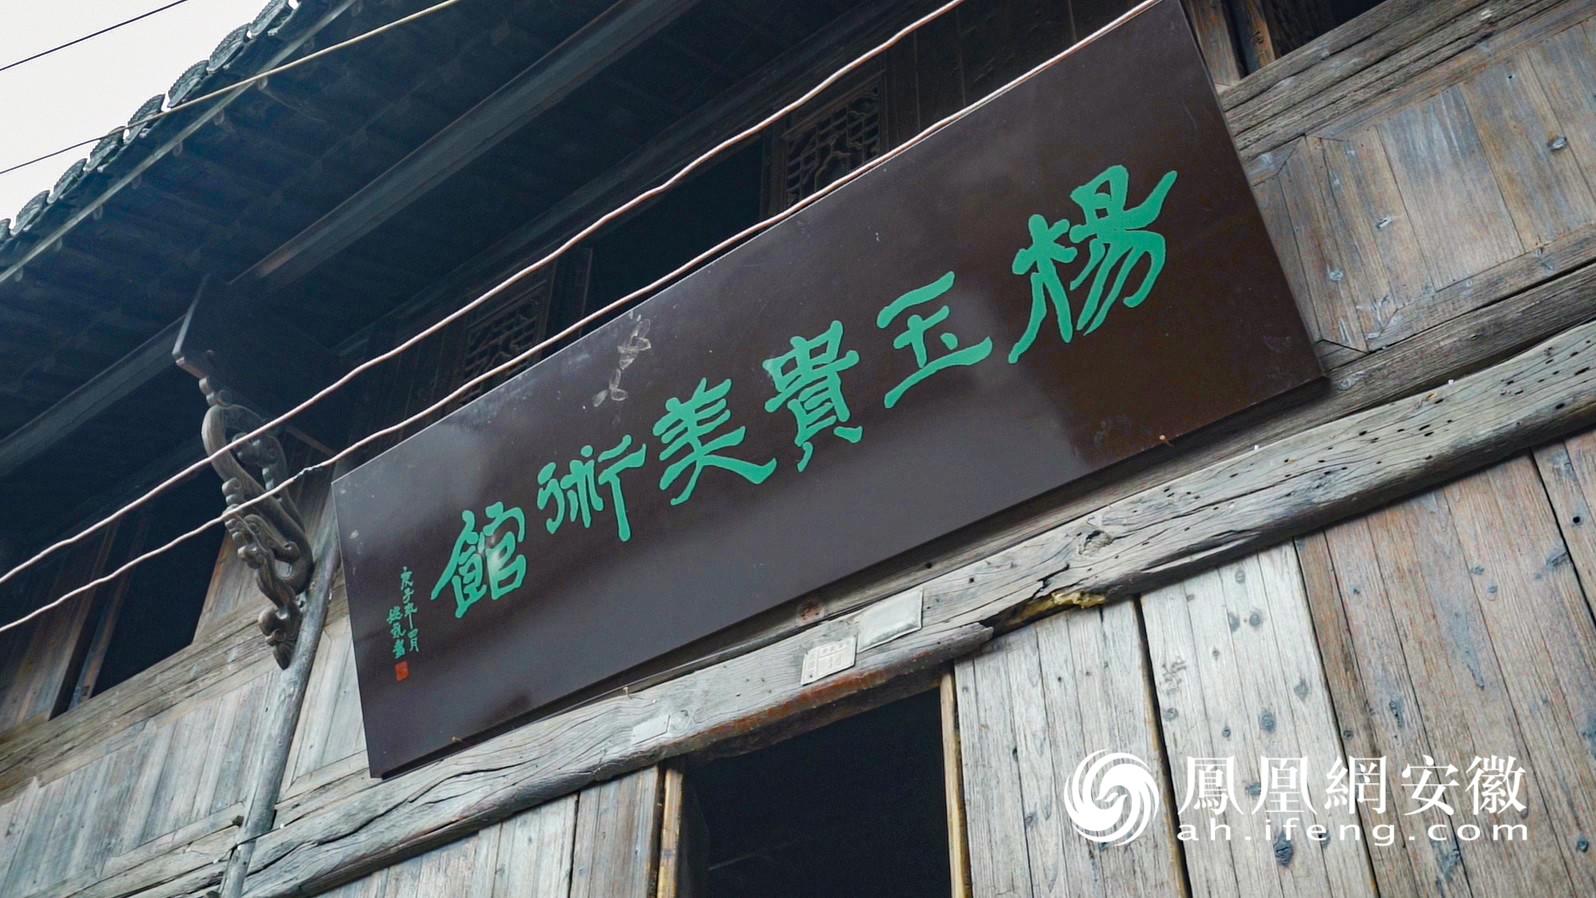 杨玉贵美术馆